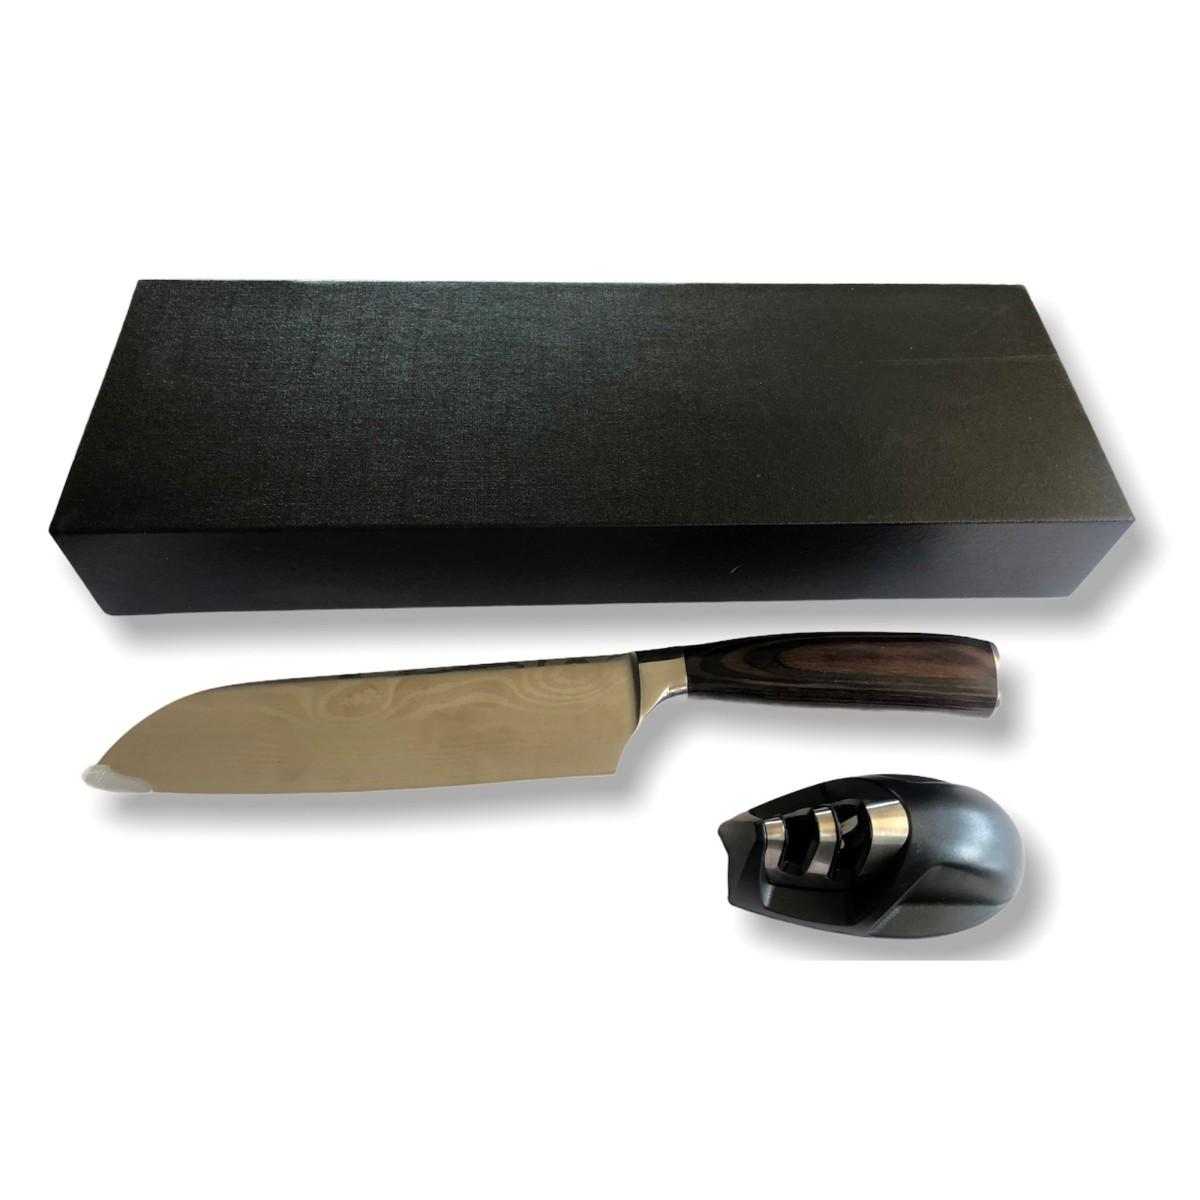 סכין ומשחזת במארז מתנה - סנטוקו